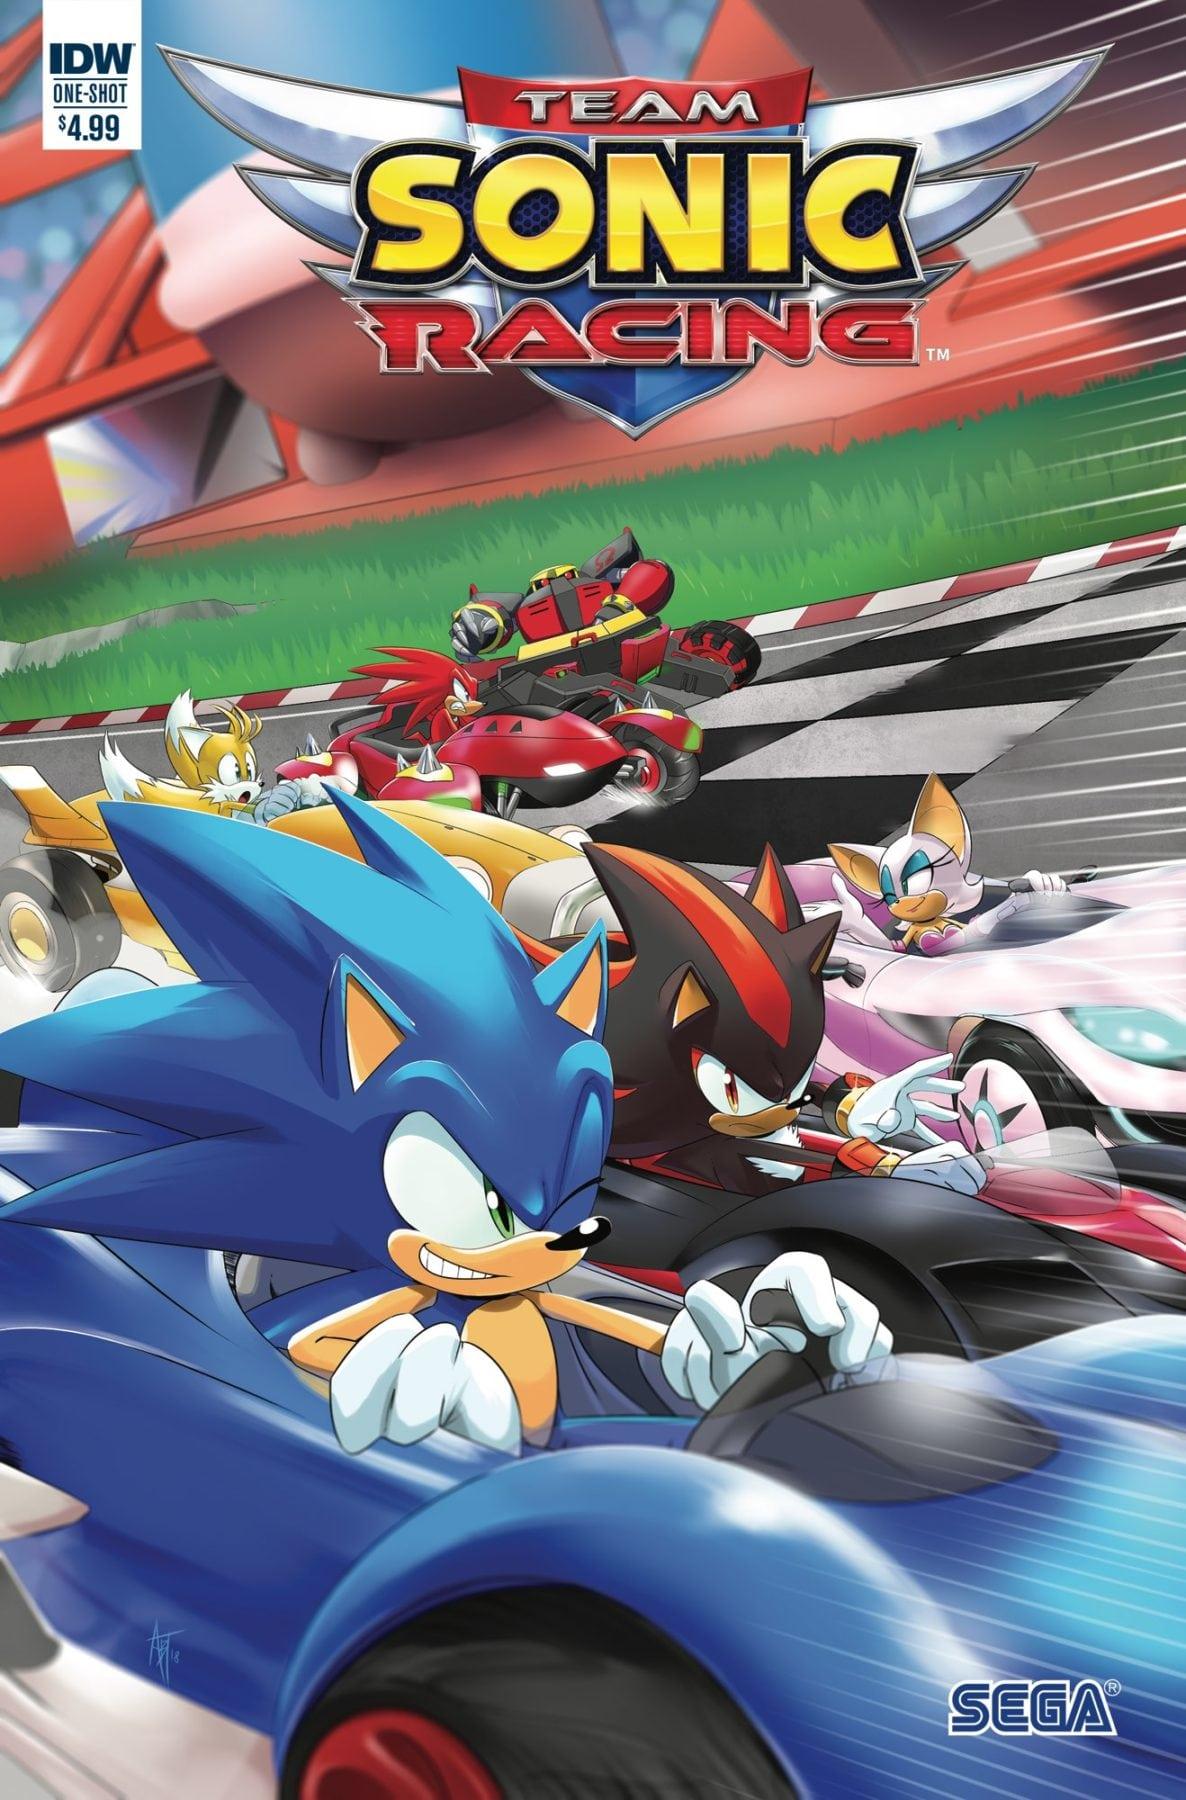 IDW y SEGA anuncian especial de cómic Team Sonic Racing